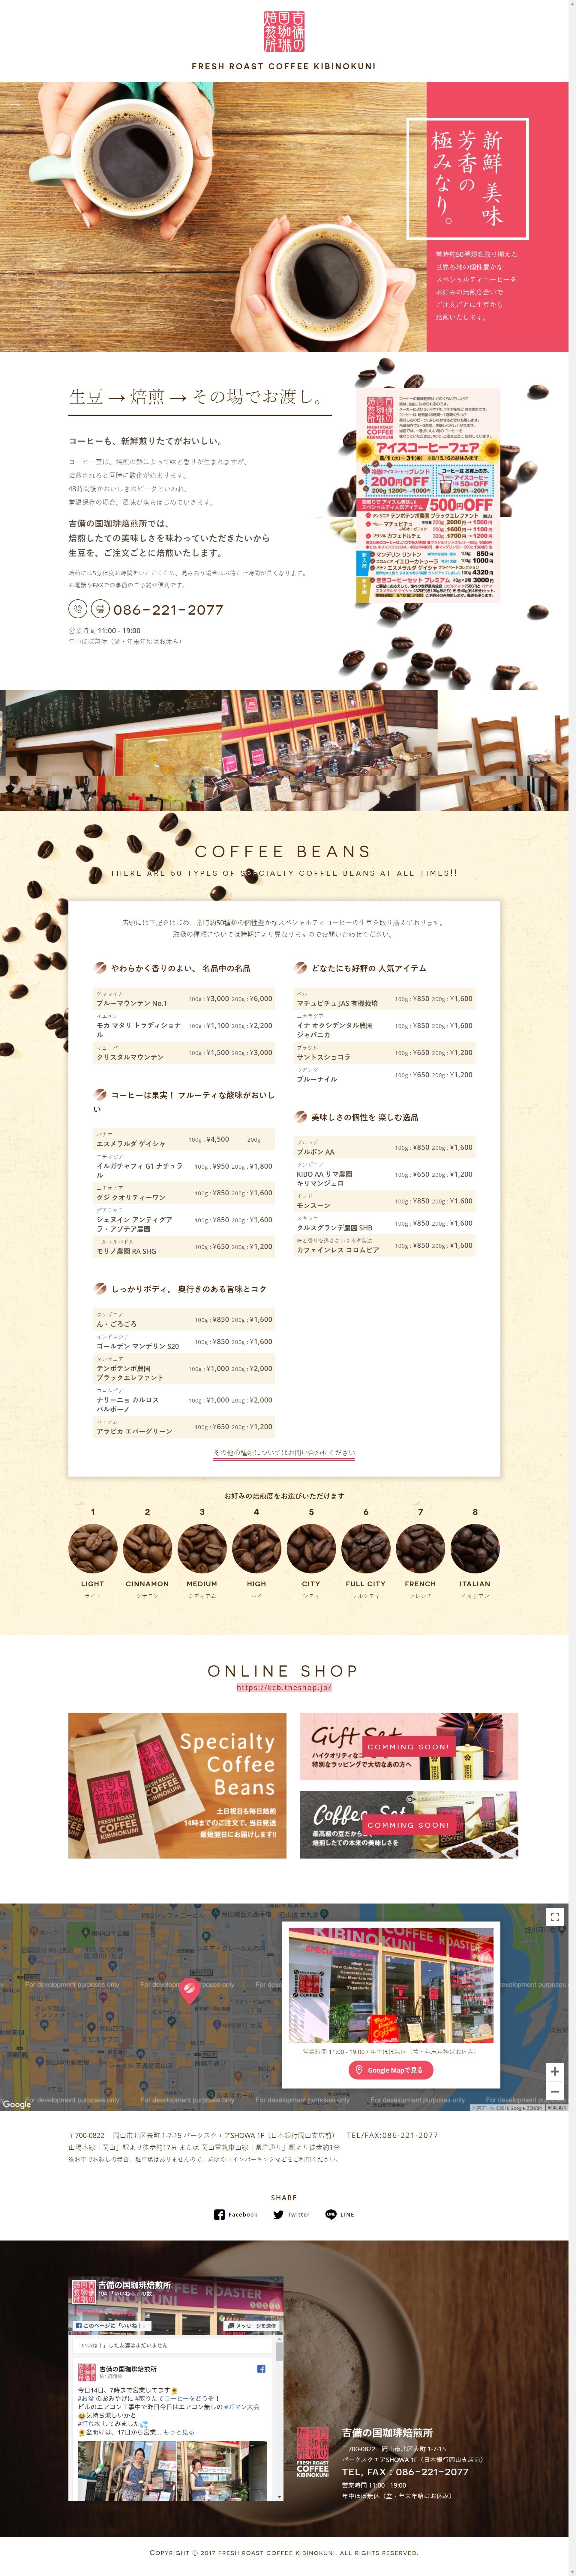 吉備の国珈琲焙煎所PC版イメージ